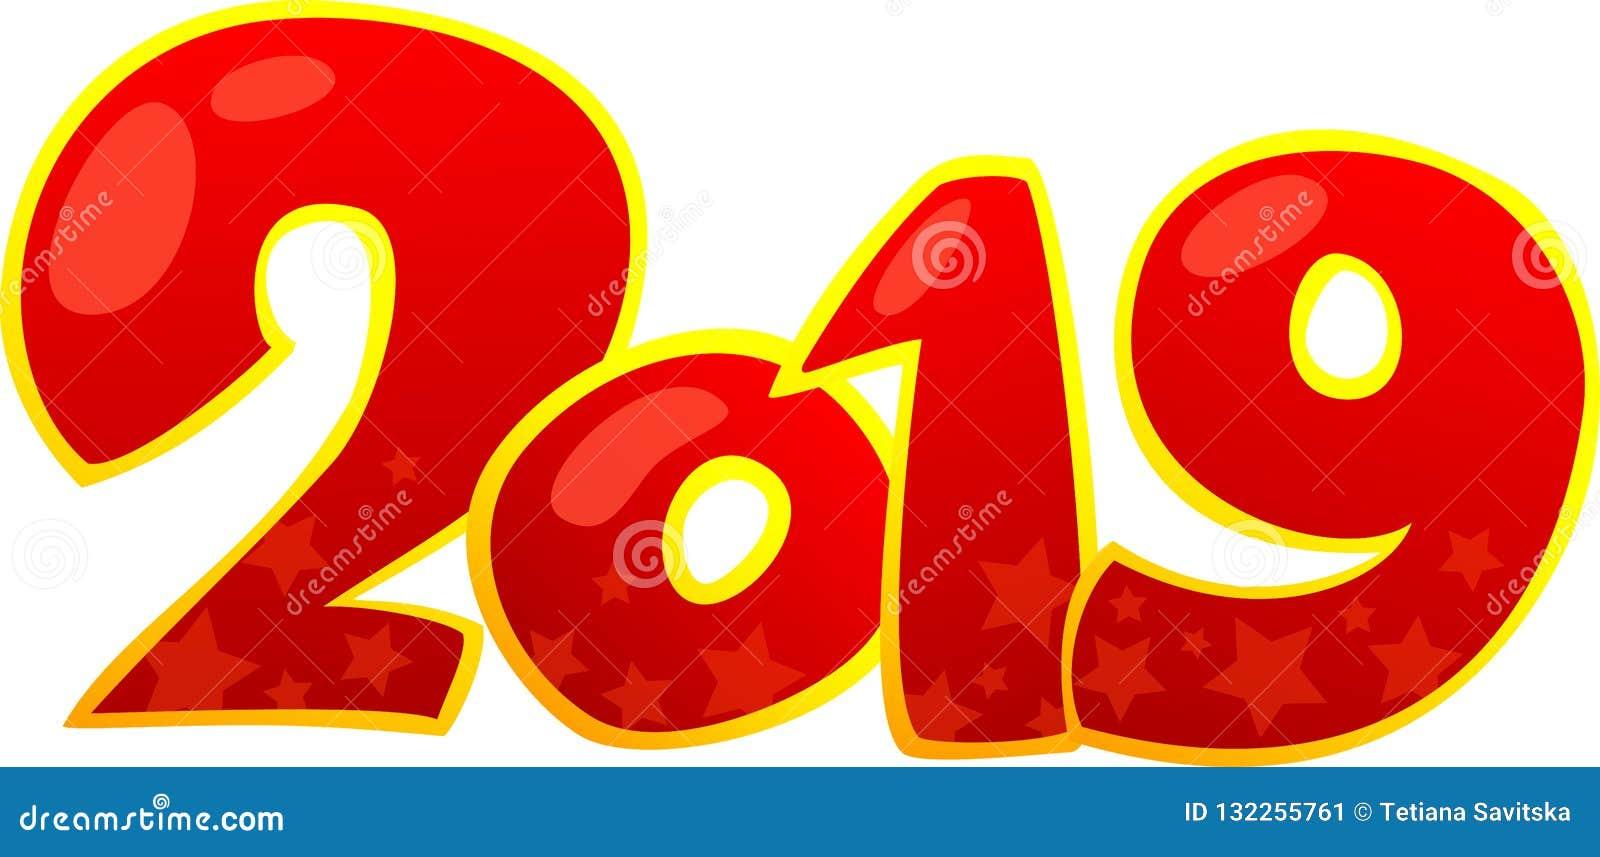 2019 С Новым Годом! элементов дизайна